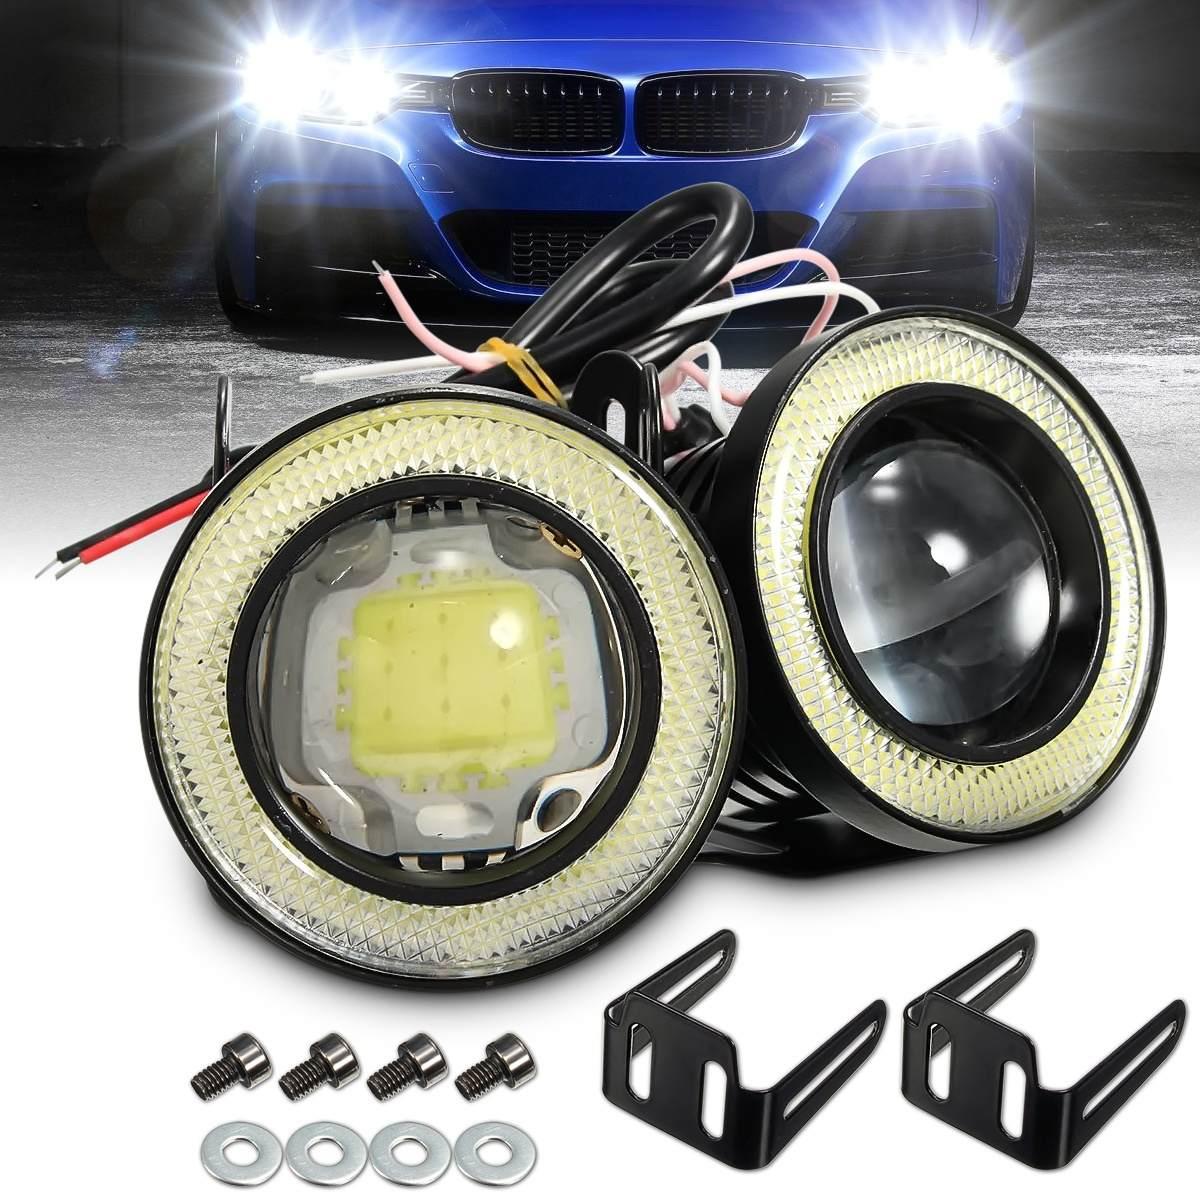 Luces antiniebla Qiilu LED antiniebla Faros Delanteros 3200lm Ojo de /ángel 1 par con kit de montaje 3